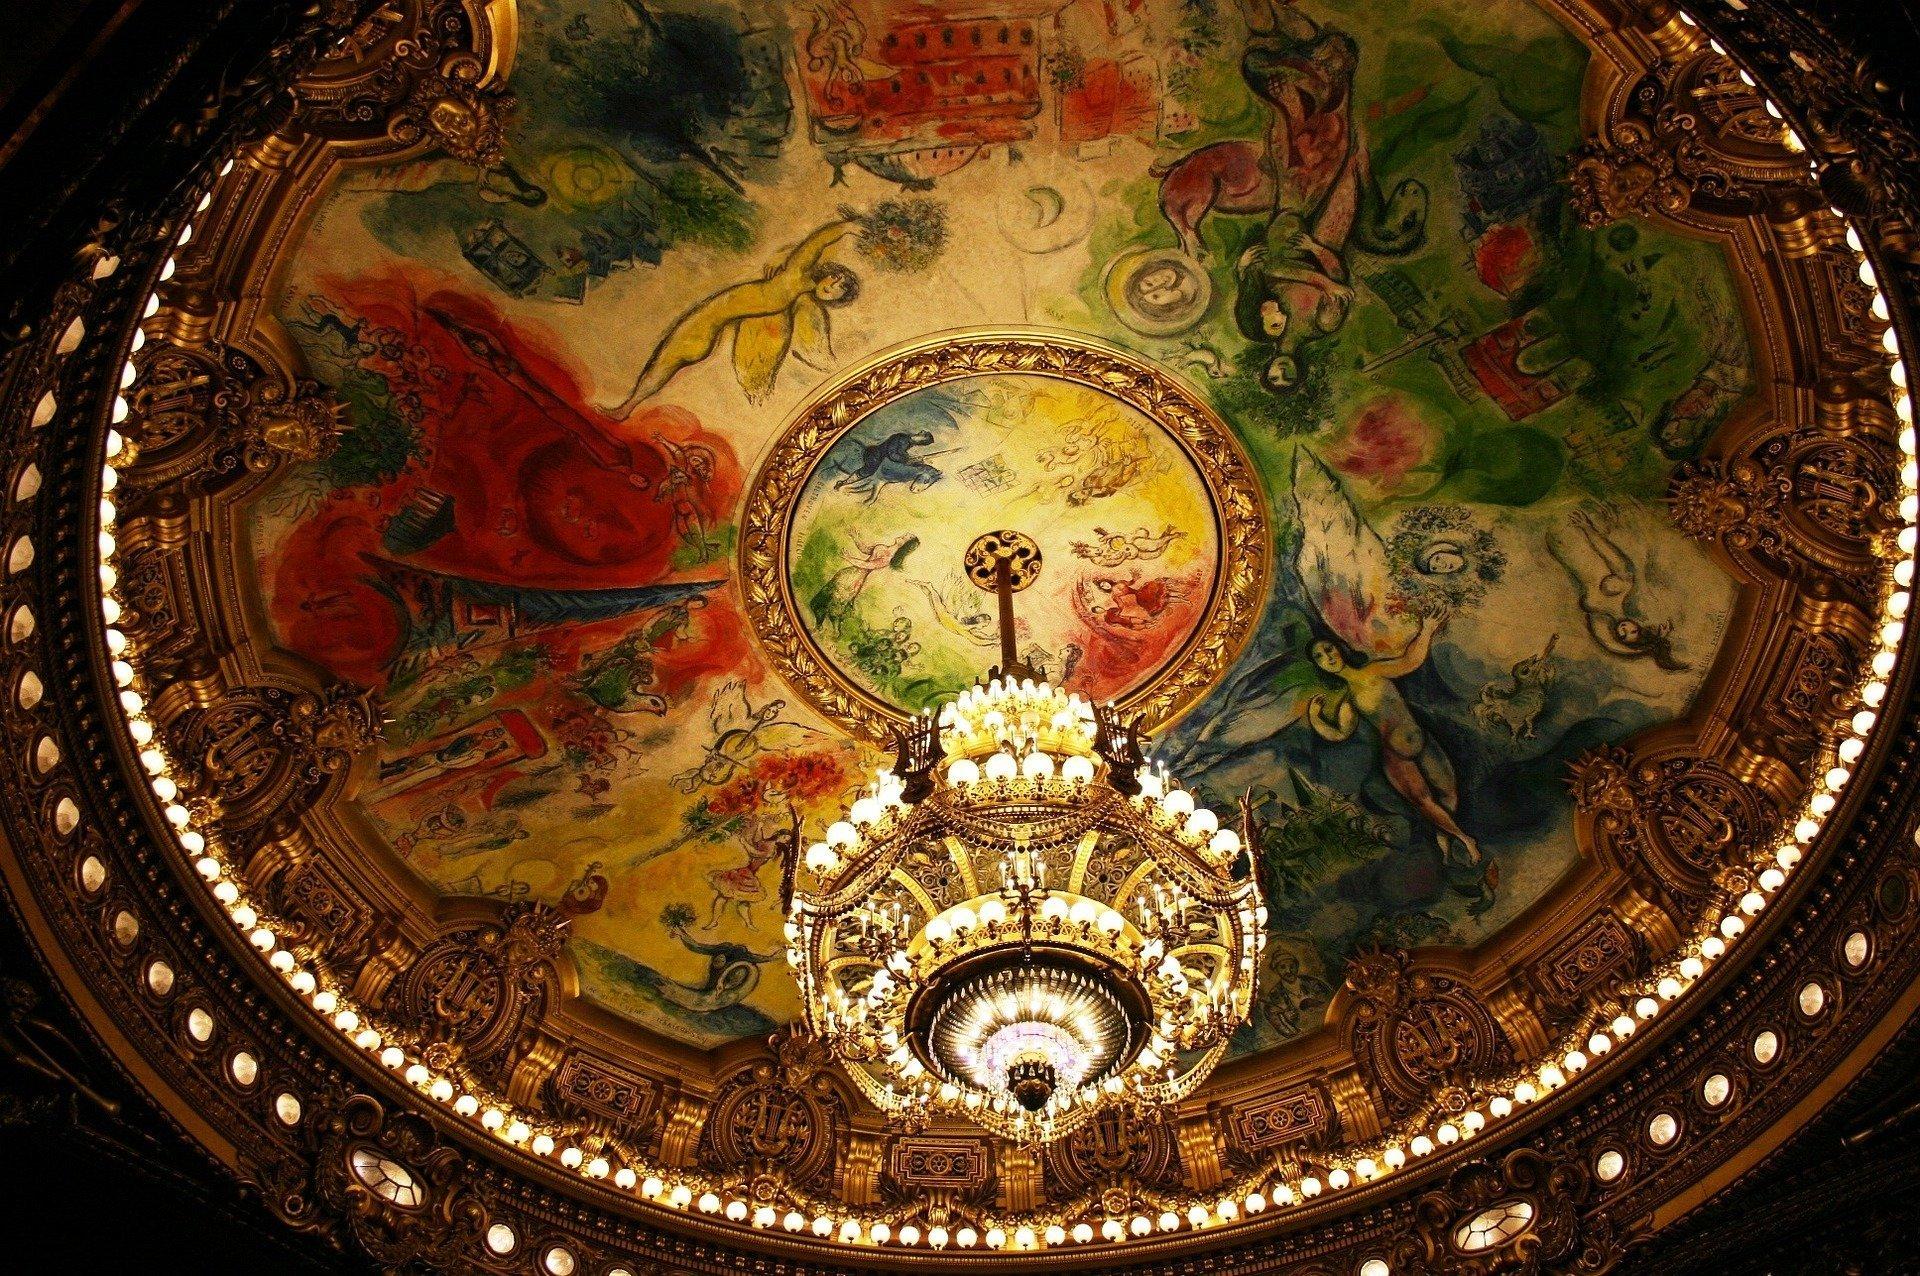 Роспись плафона Оперы Гаранье в Париже Шагал сделал в возрасте 77 лет